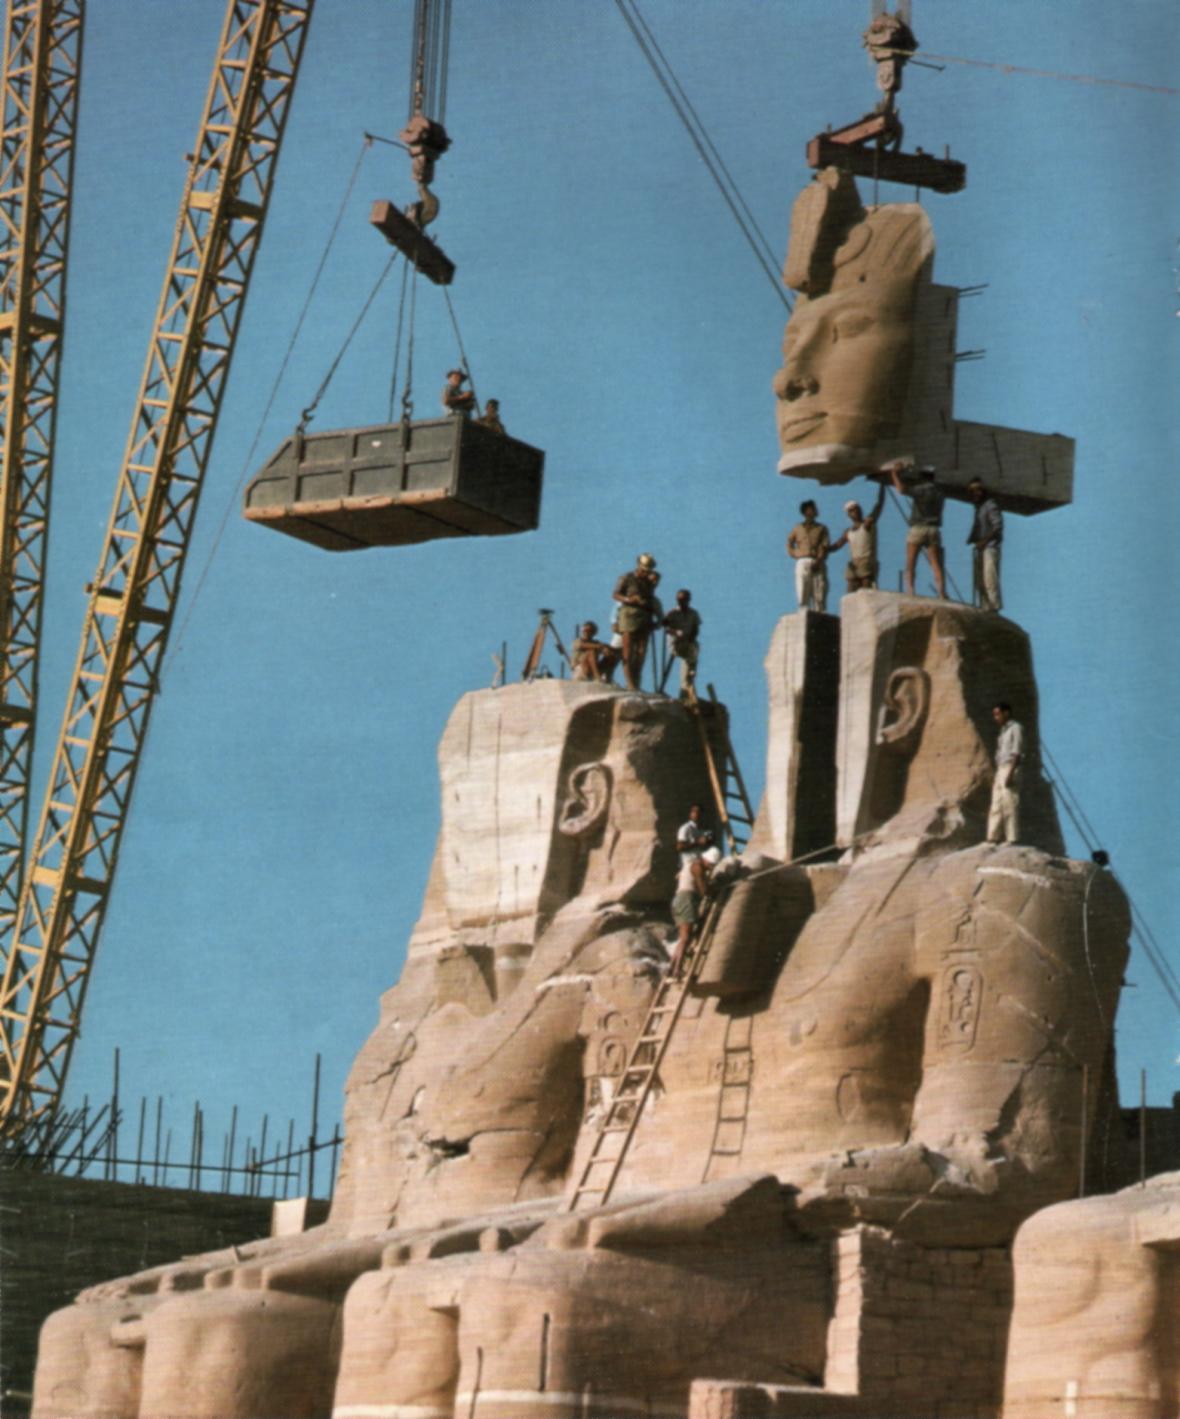 Pracovníci rozebírají sochu faraona Ramsese II. v chrámu Abú Simbel (foto z roku 1967).